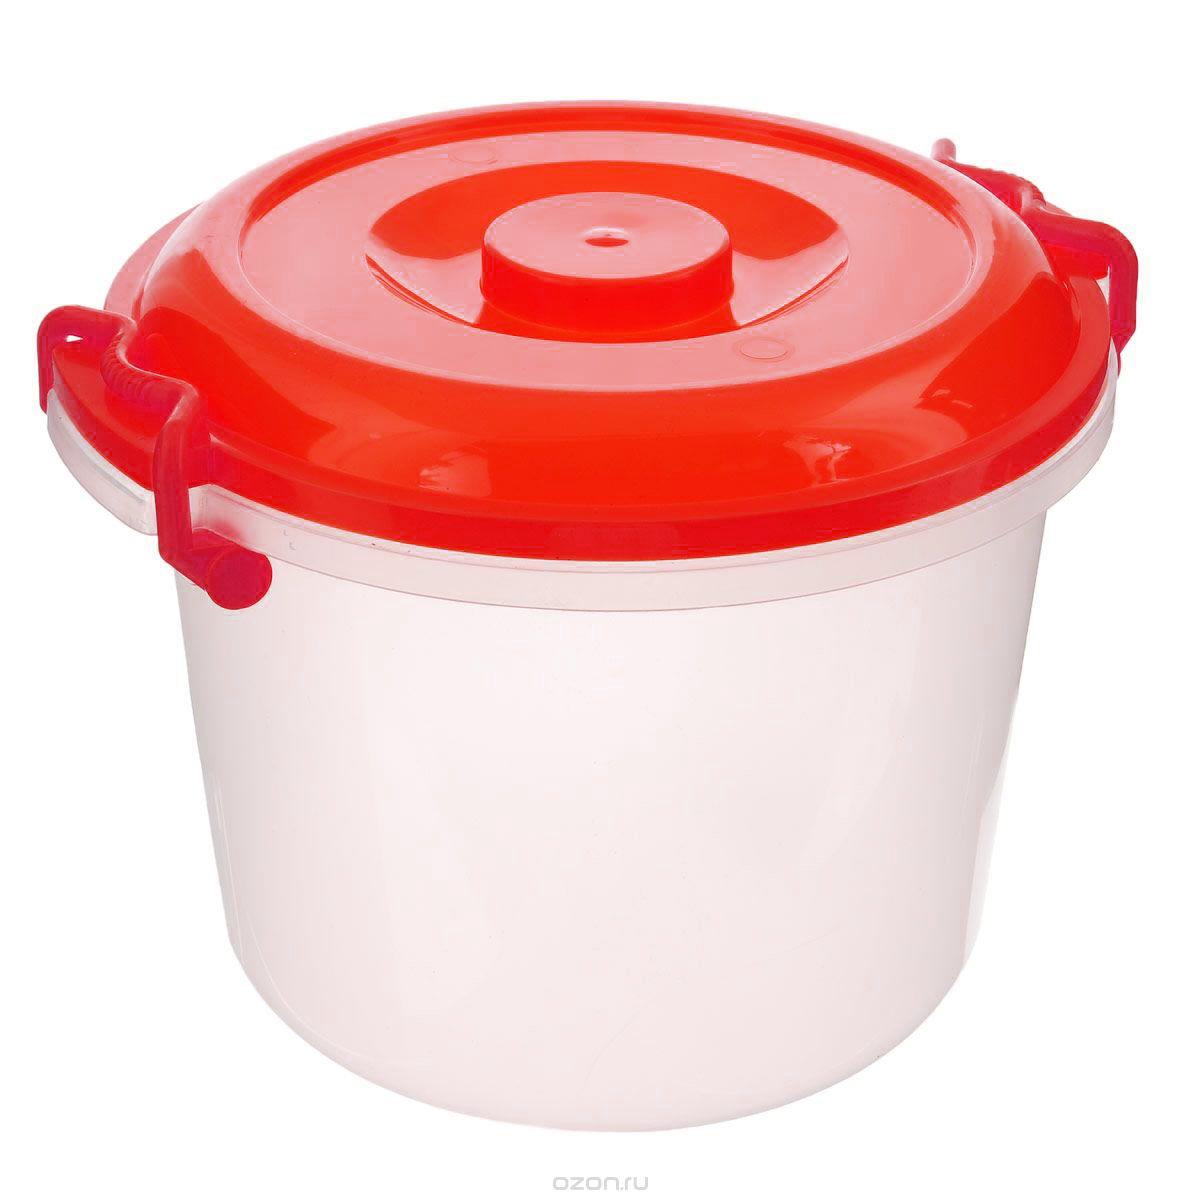 Контейнер Альтернатива, цвет: красный, прозрачный, 8 лM098_красныйКонтейнер Альтернатива изготовлен из высококачественного пищевого пластика. Изделие оснащено крышкой и ручками, которые плотно закрывают контейнер. Также на крышке имеется ручка для удобной переноски. Емкость предназначена для хранения различных бытовых вещей и продуктов. Такой контейнер очень функционален и всегда пригодится на кухне. Диаметр контейнера (по верхнему краю): 25 см. Высота контейнера (без учета крышки): 21 см. Объем: 8 л.